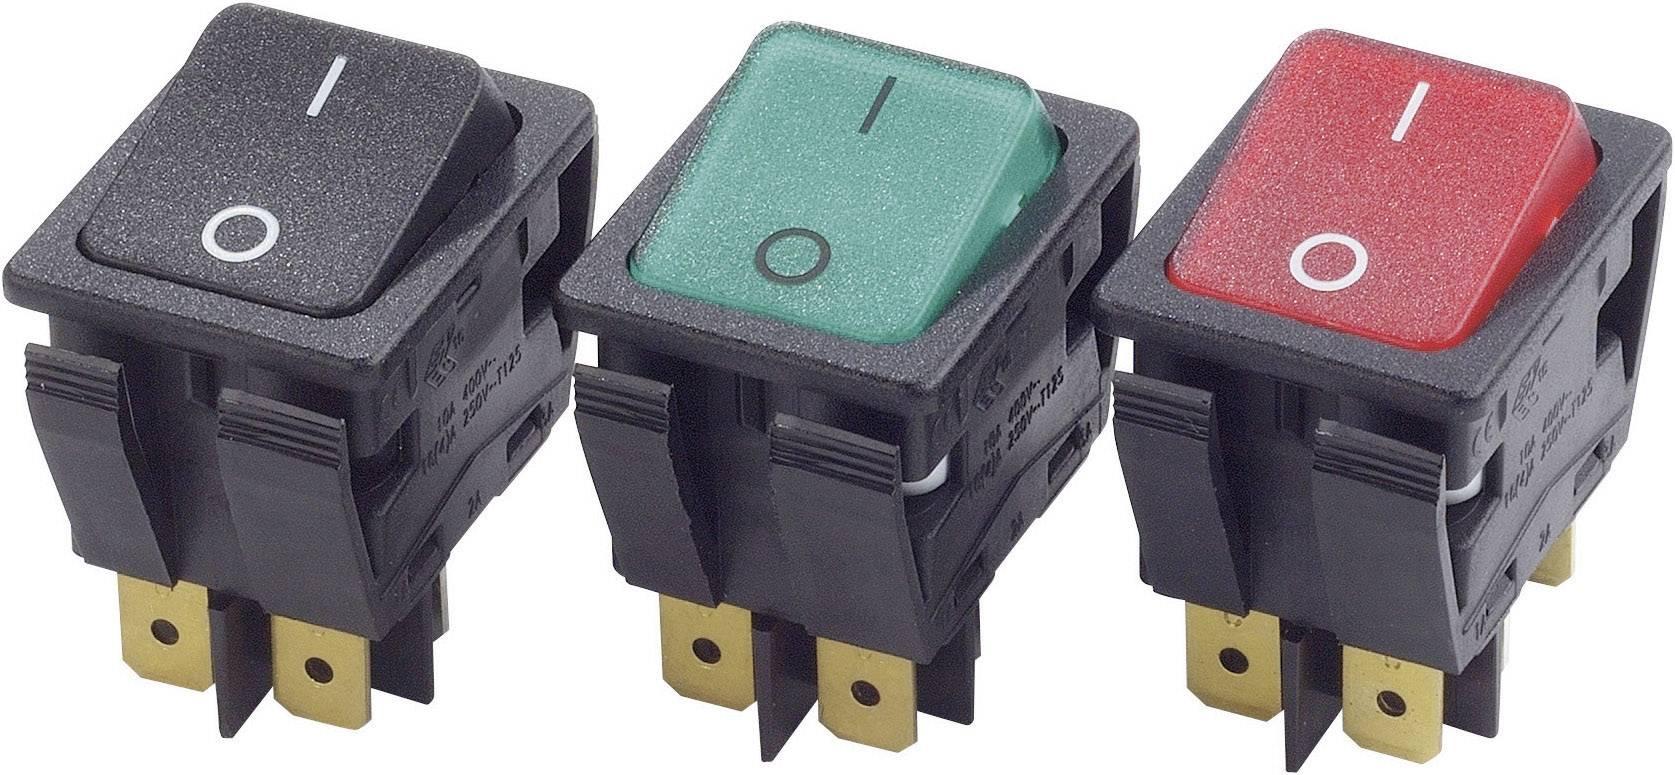 Kolébkový spínač s aretací Arcolectric C6053ALNAH, 230 V/AC, 16 A, 2x vyp/zap, Barva světla: zelená, 1 ks